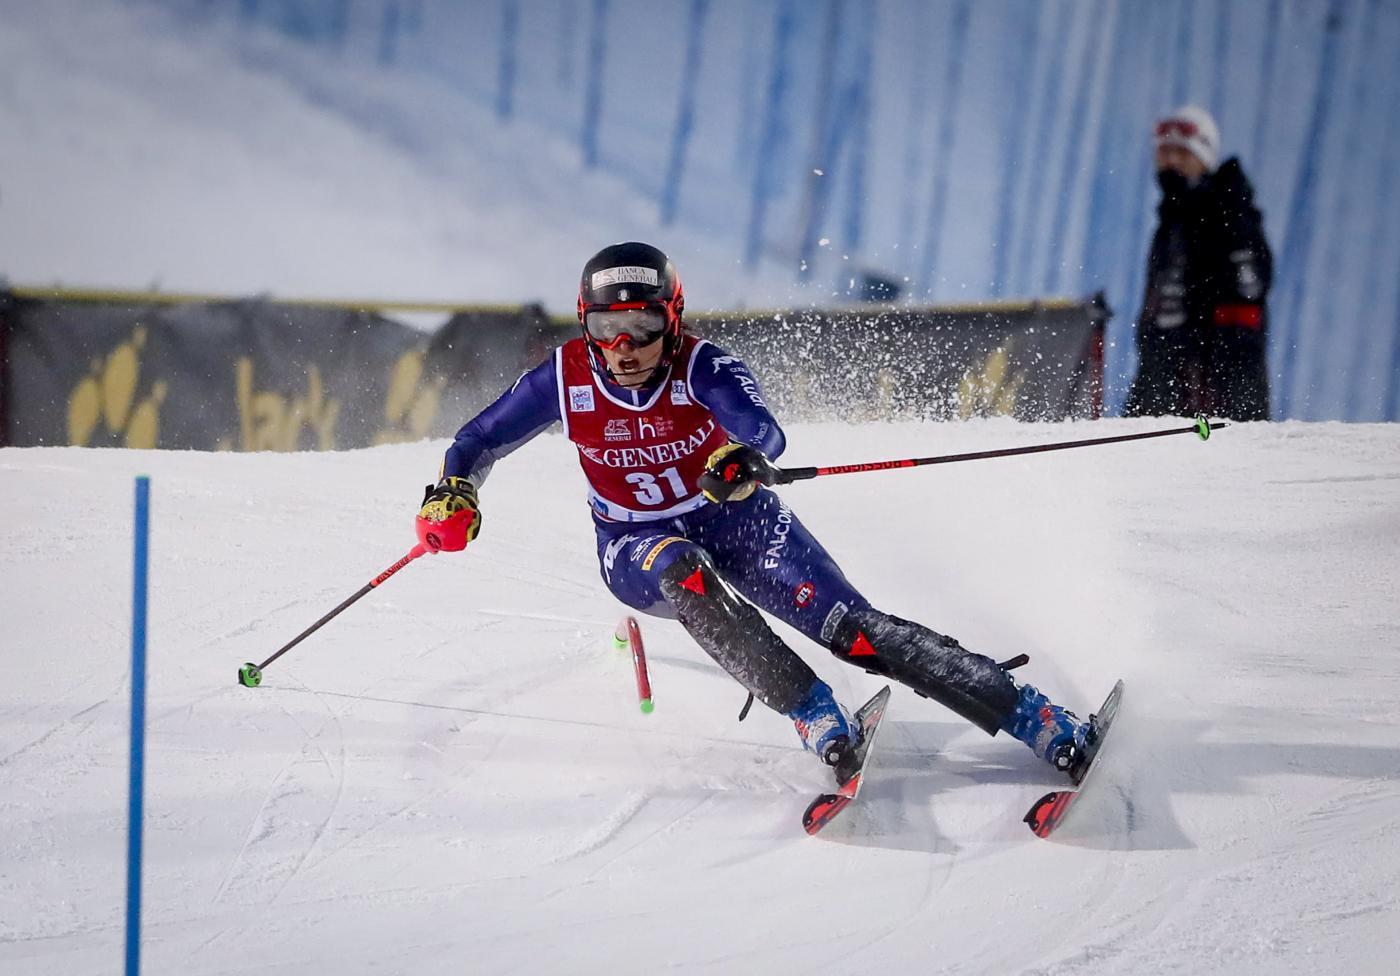 Sci alpino, i convocati dell'Italia per i paralleli di Lech. Il regolamento delle gare: tante novità in Coppa del Mondo